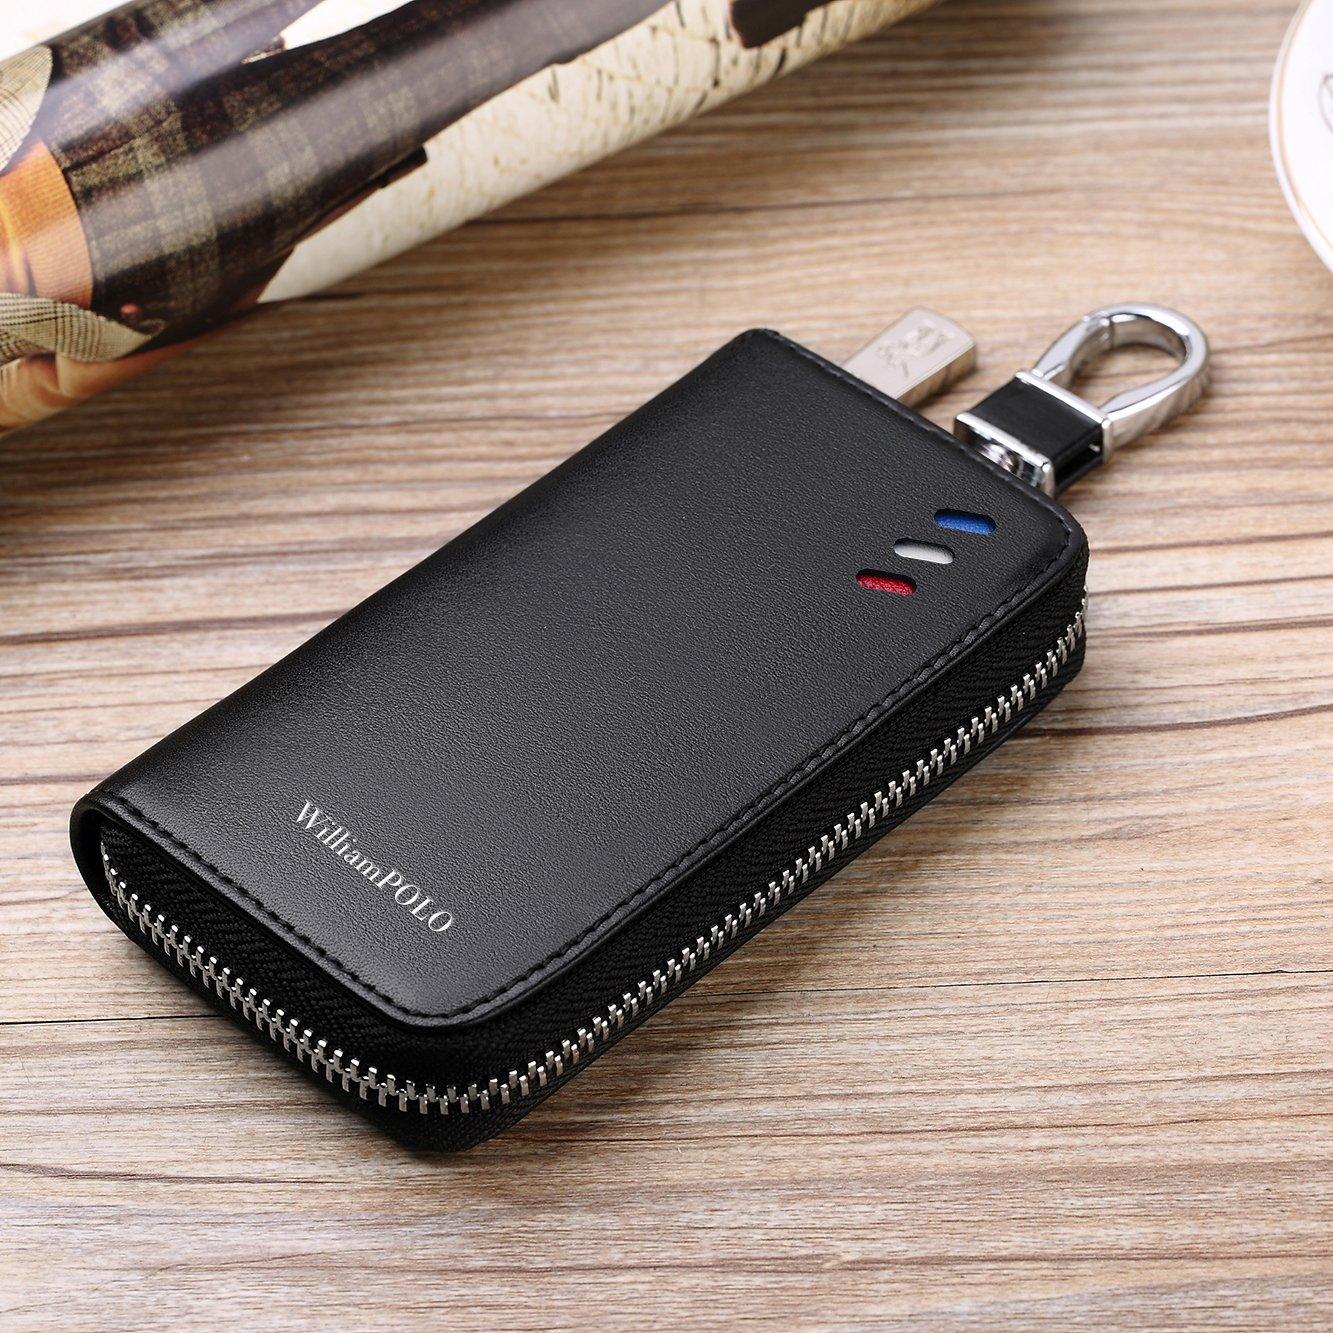 f8a638708c2b Amazon | WILLIAMPOLO キーケース 車 メンズ レディース 本革 カード入れ 多機能 186120 (ブラック(カラビナとストラップ 付き)) | キーケース